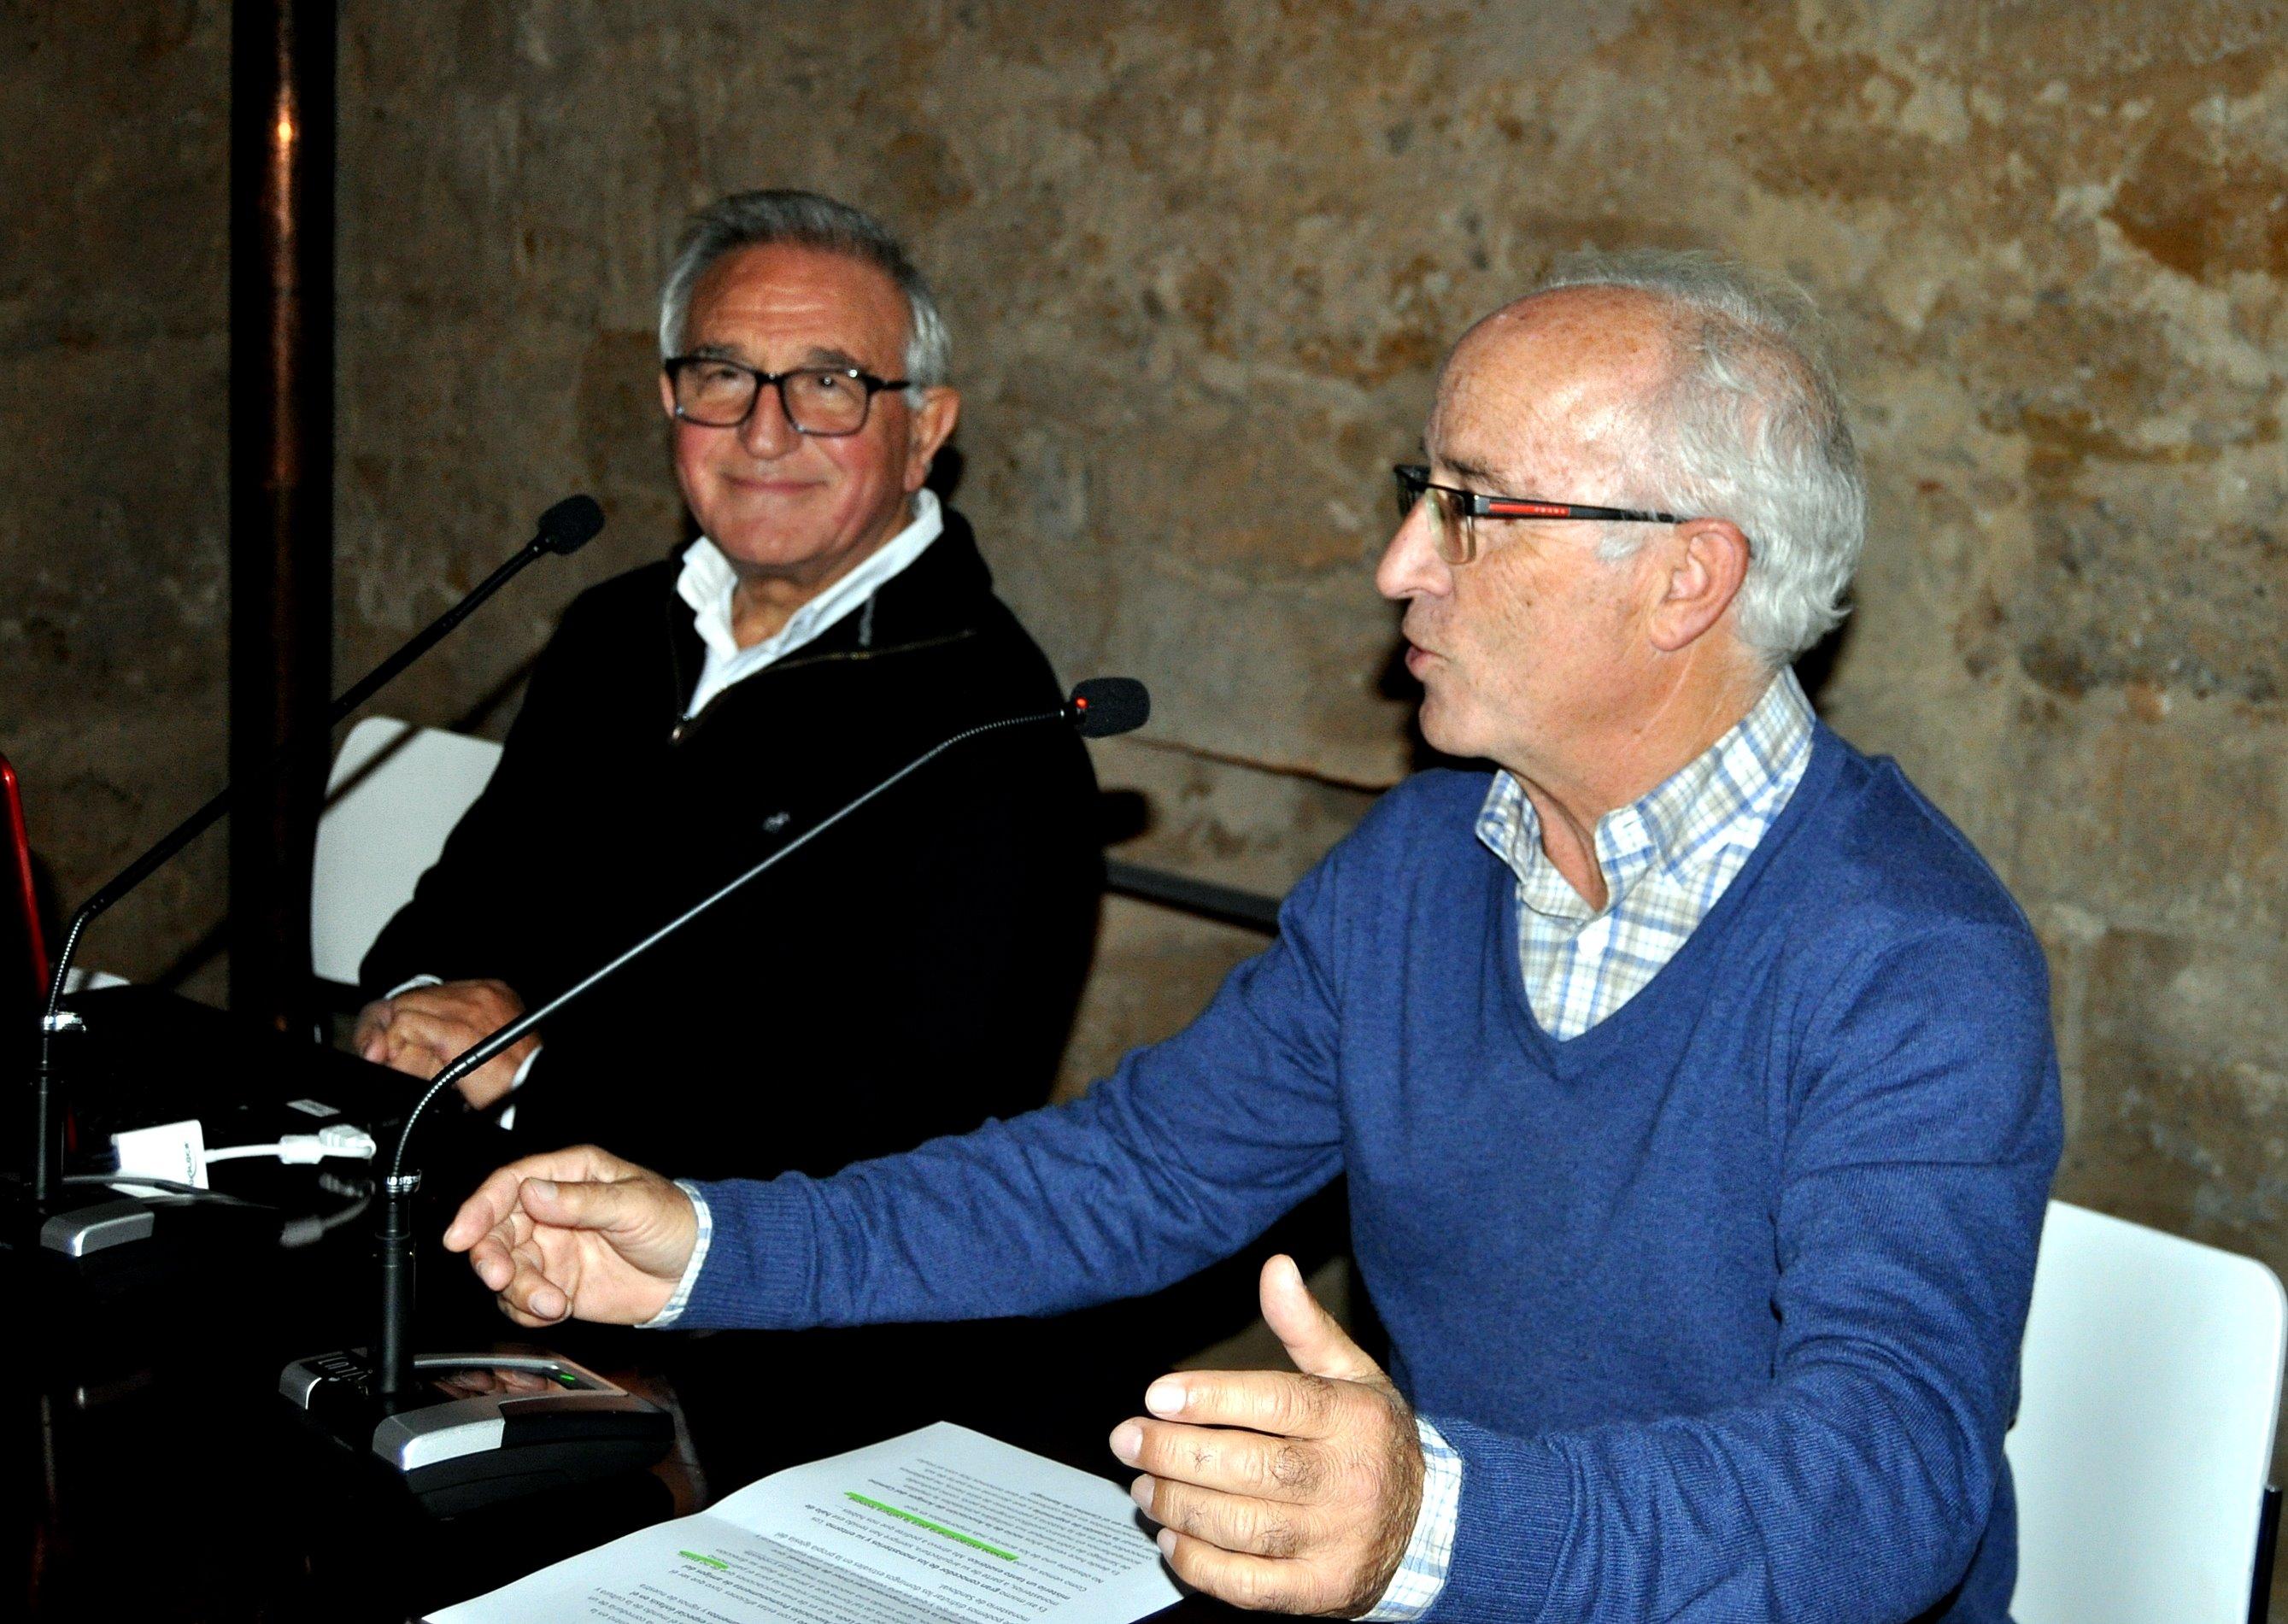 La presentación del conferenciante corrió a cargo de Anselmo Reguera